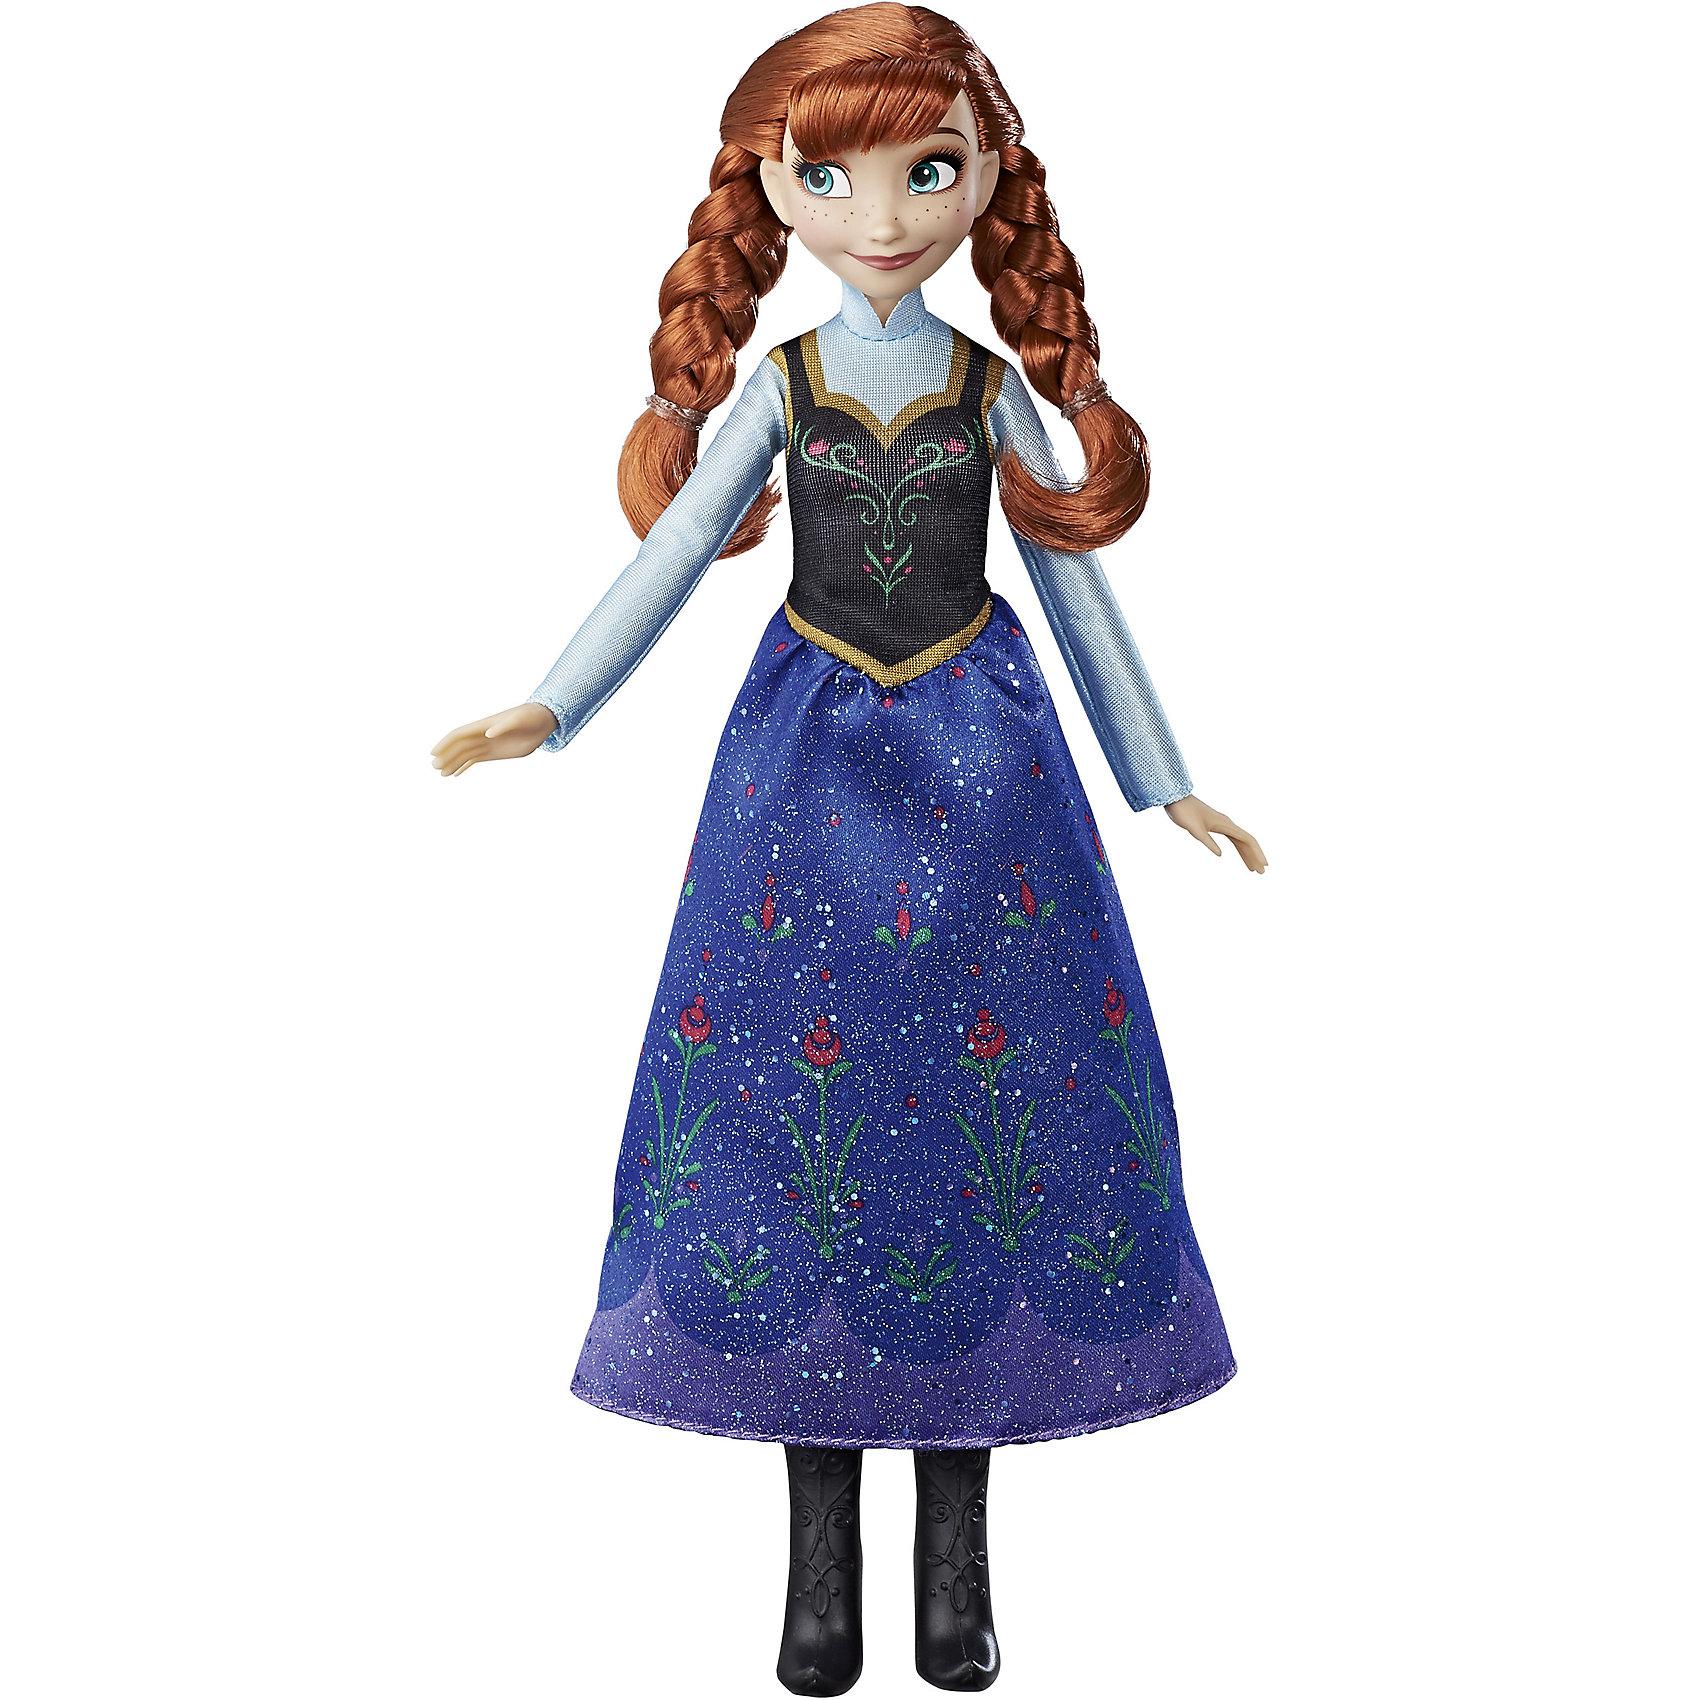 Hasbro Кукла Анна, Холодное сердце, Принцессы Дисней настольные игры hasbro операция холодное сердце